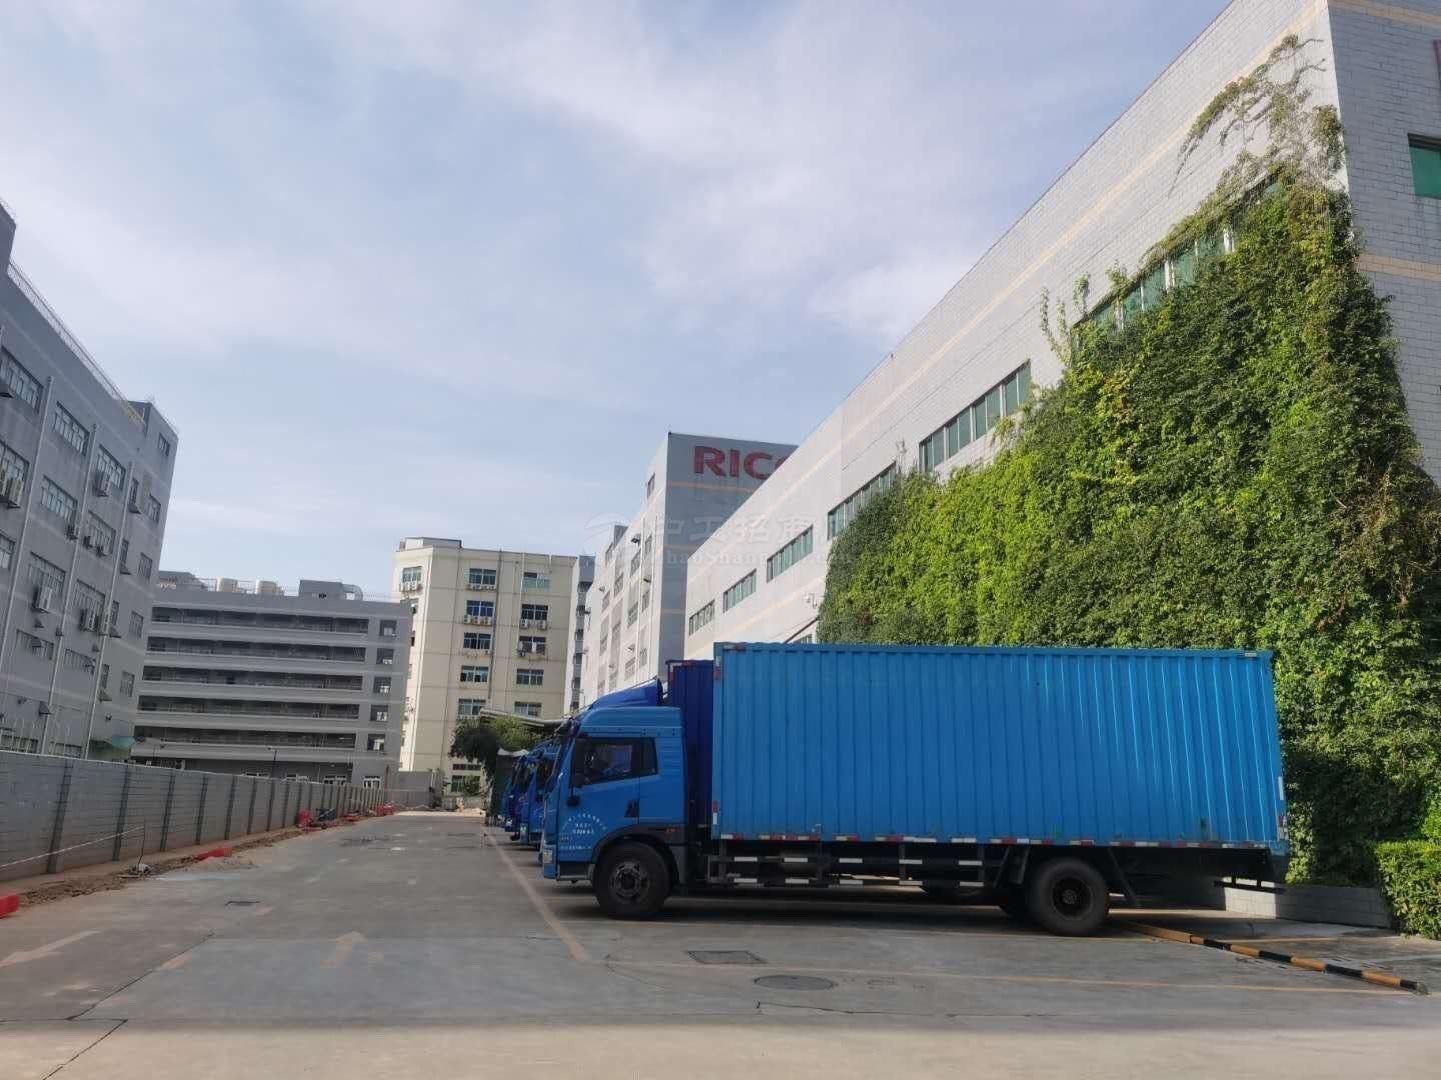 福永工业园招租一楼物流仓库厂房3000平方出租公摊小空地大